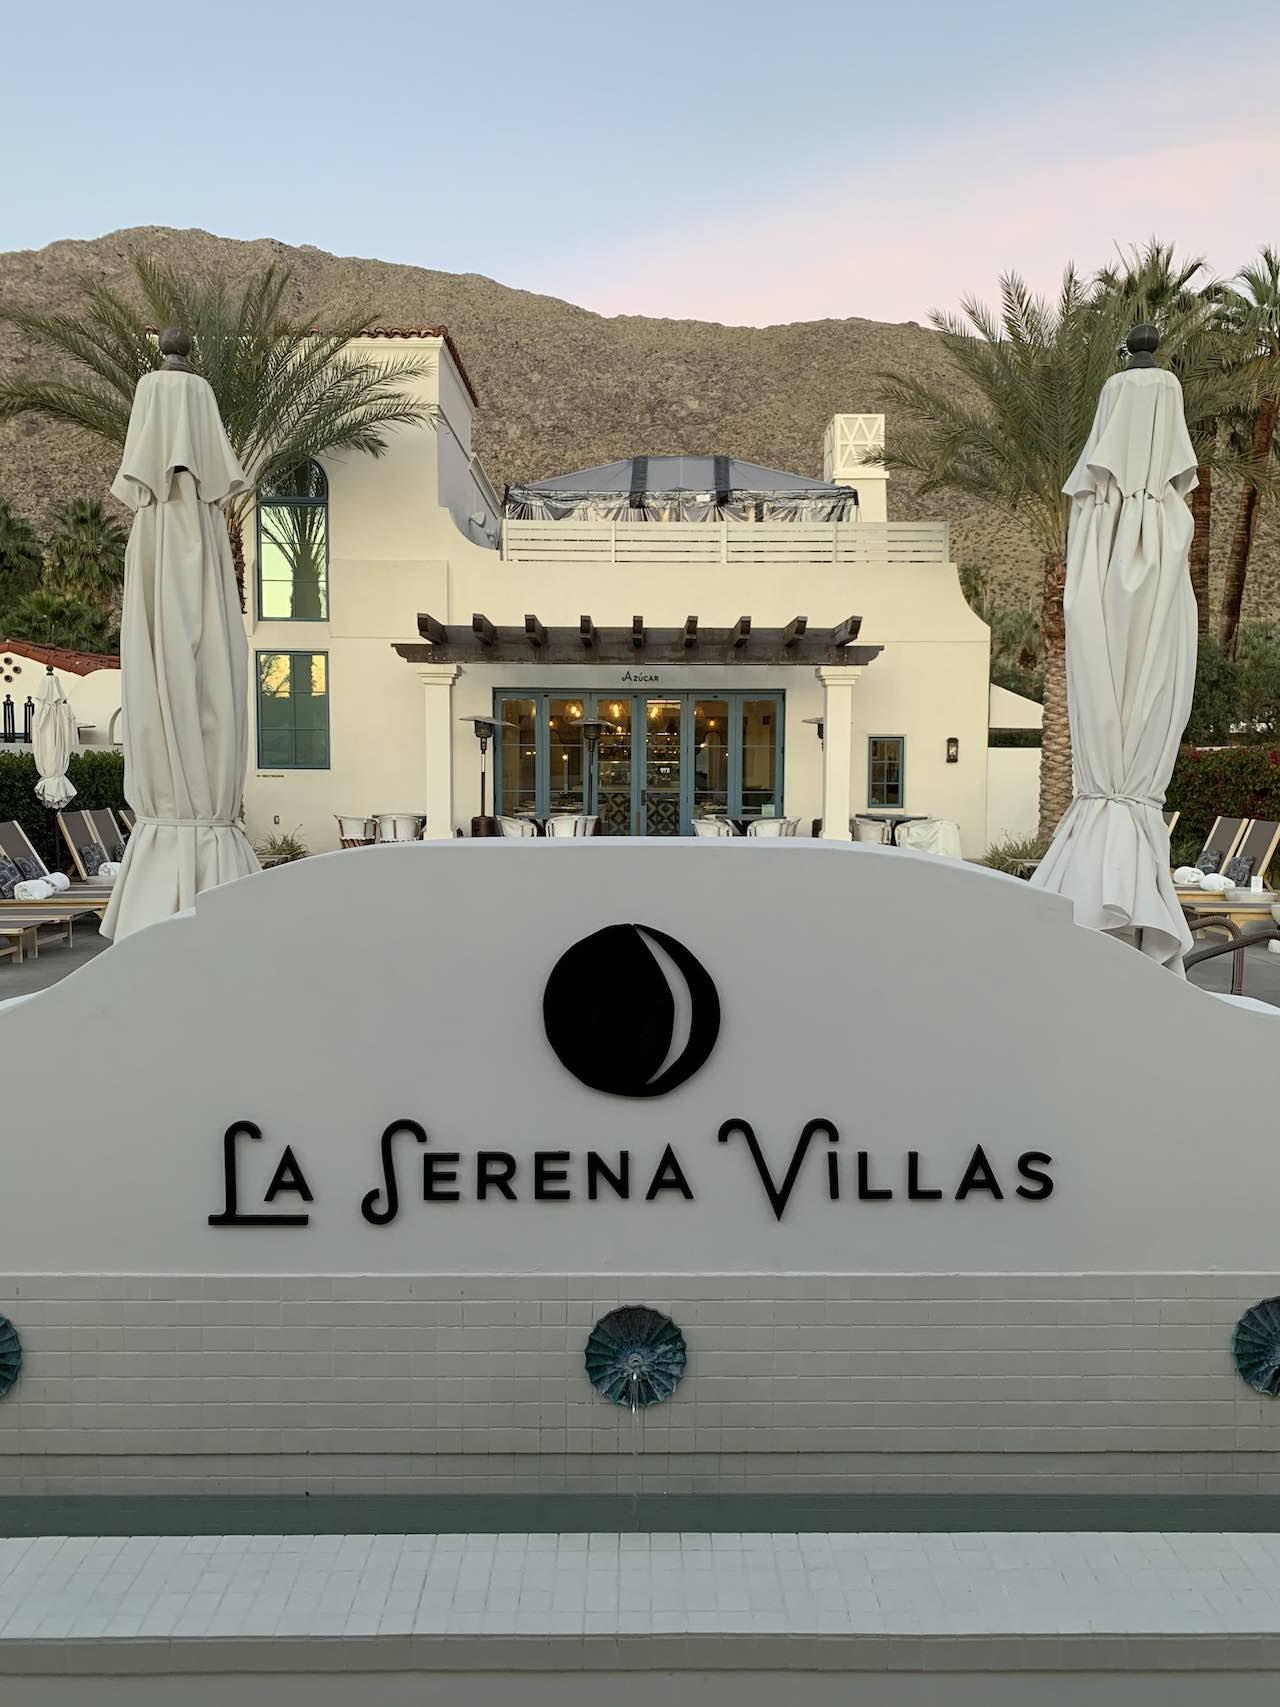 La Serena Villas